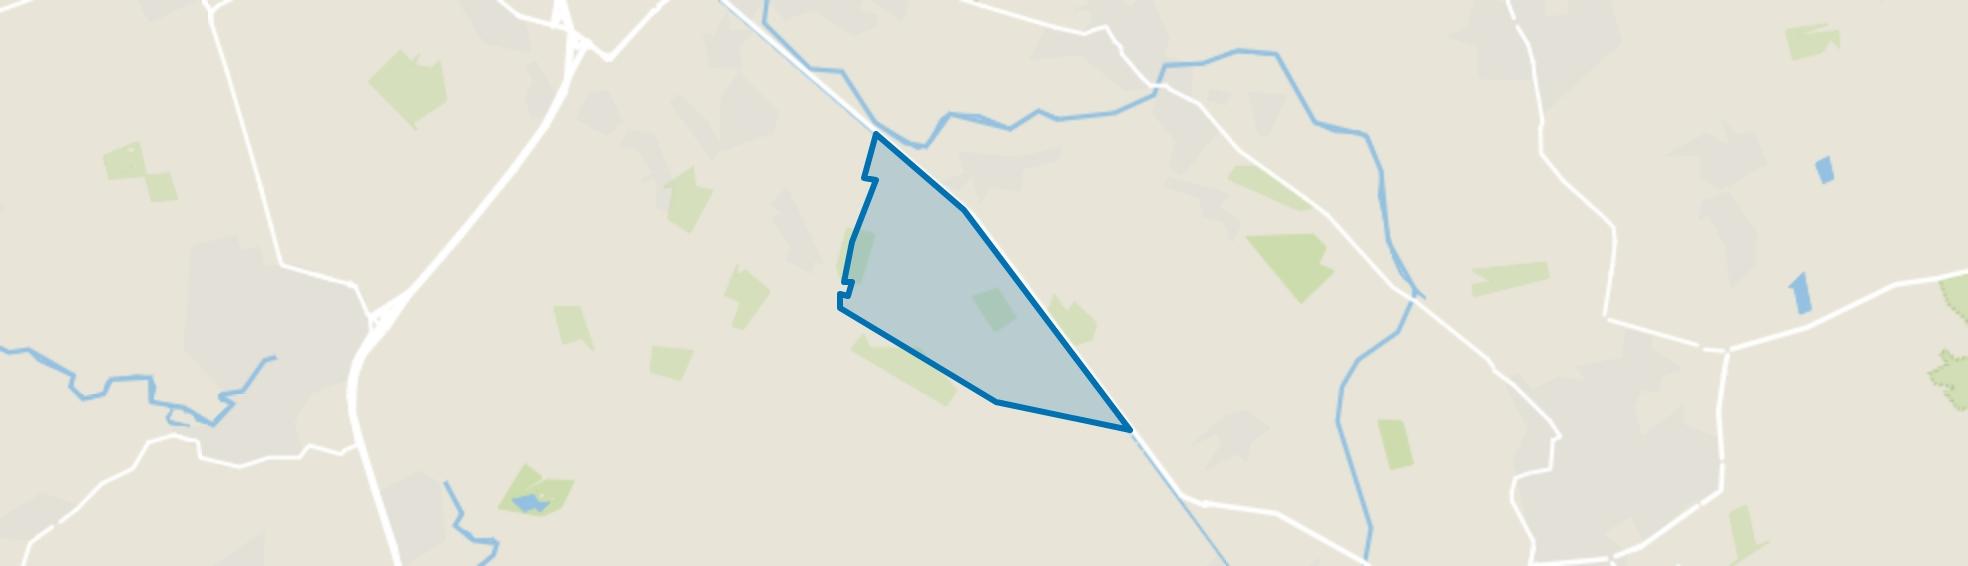 Buitengebied Geregt, Erp map